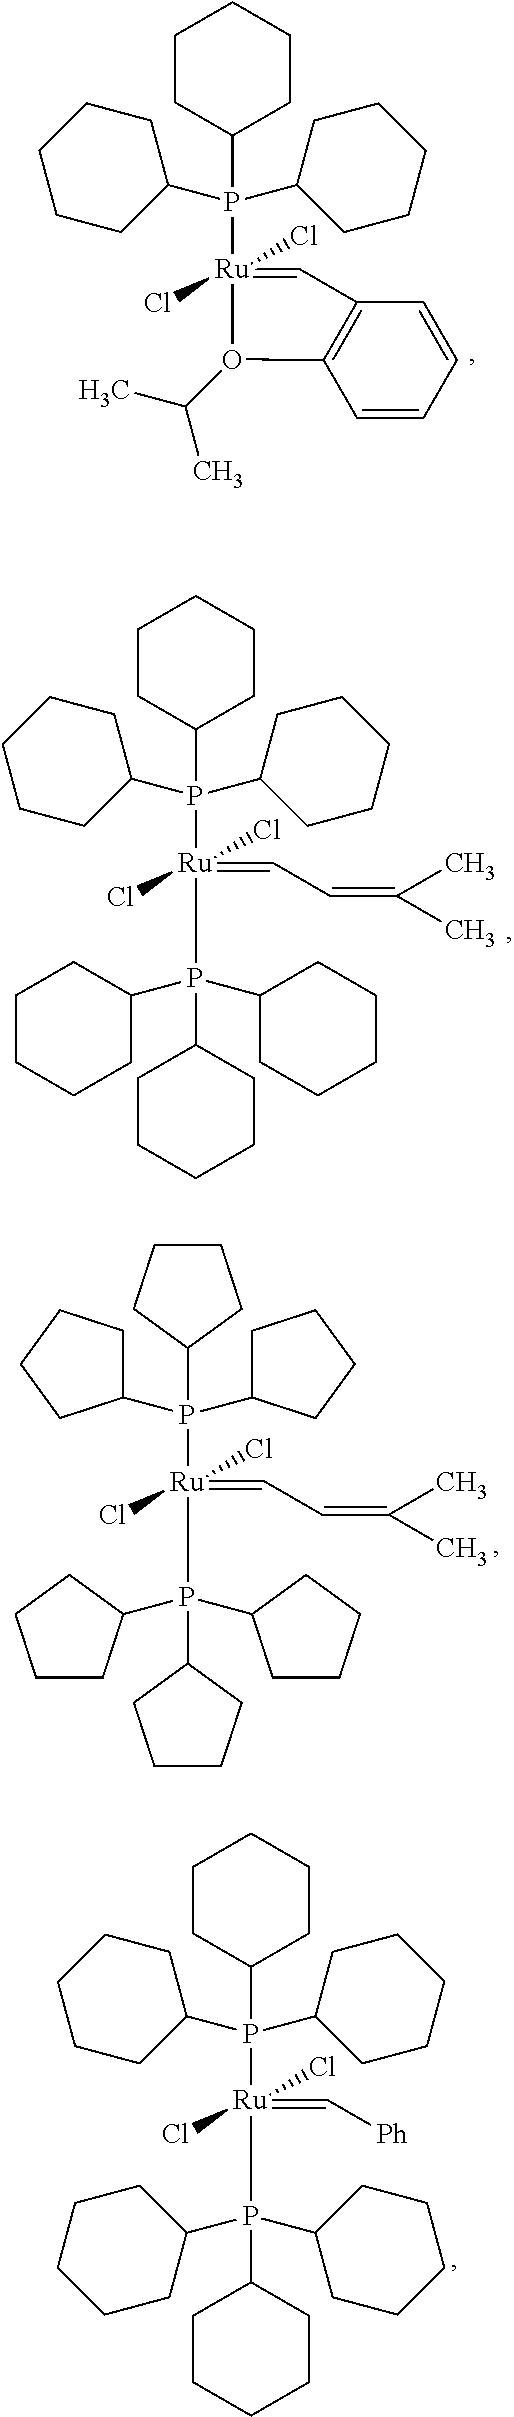 Figure US09193835-20151124-C00015